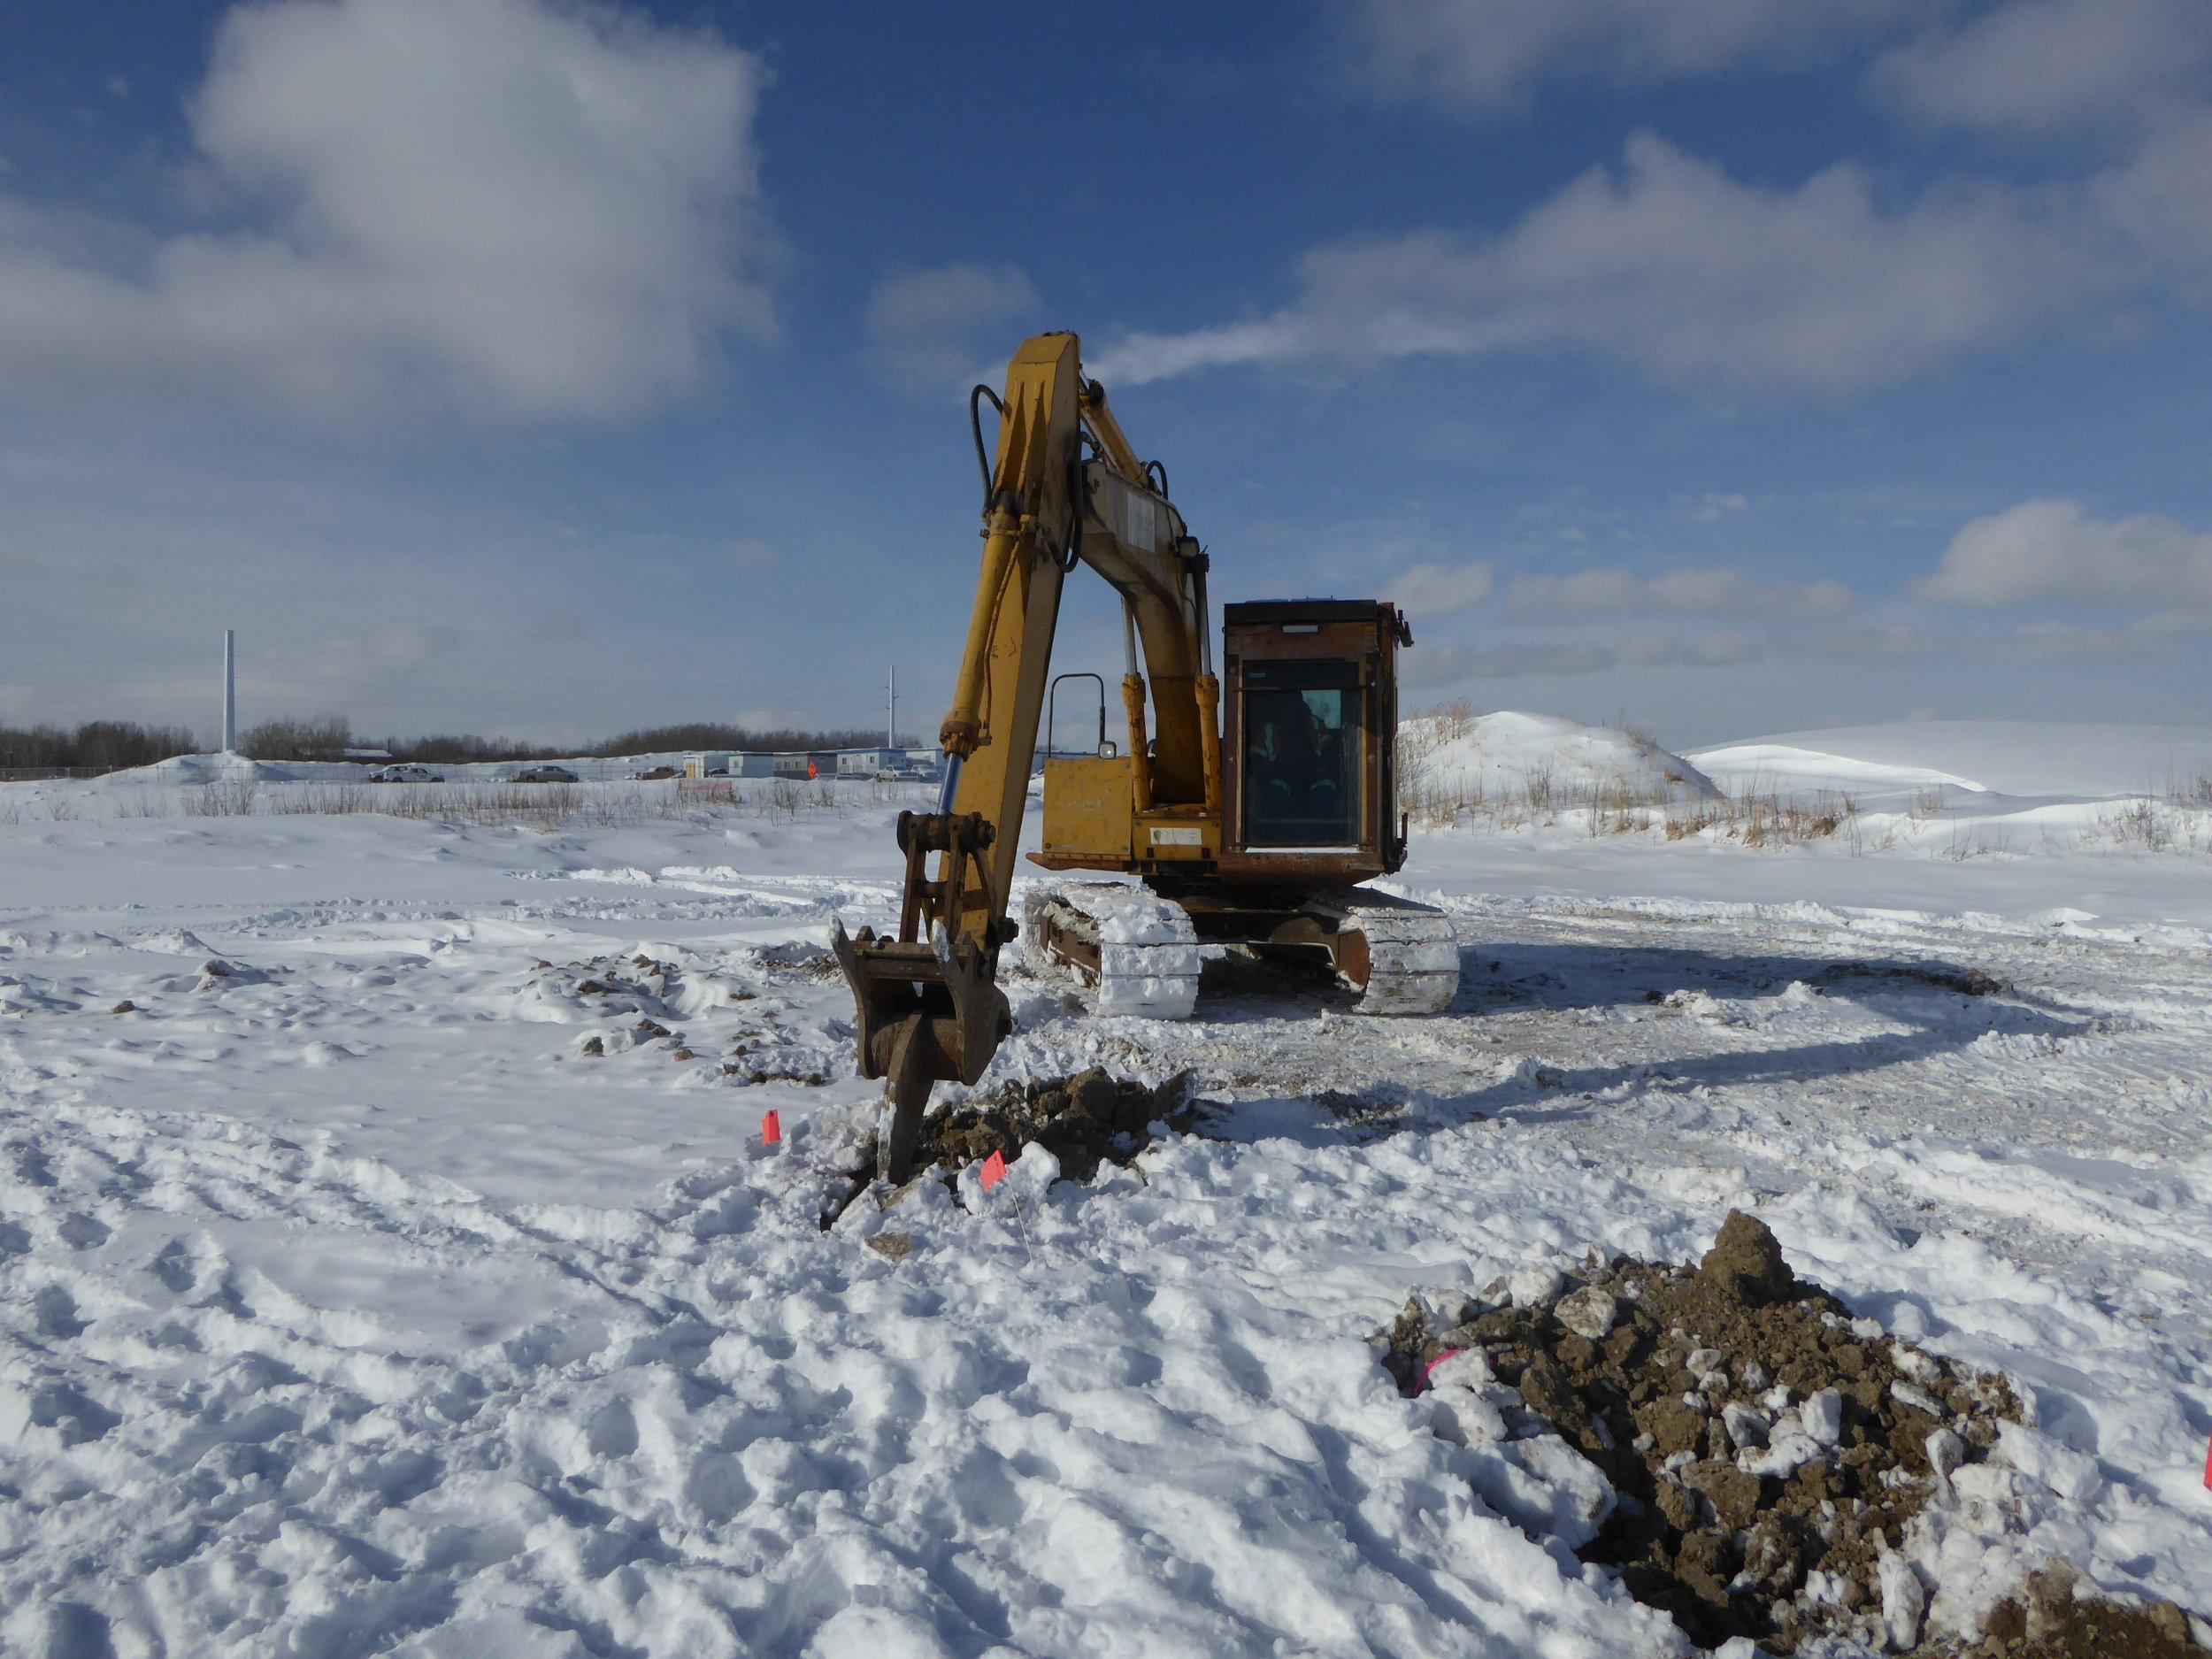 ENMAX Sub 30 - XTECH Armoured Excavator - 11 Feb 18 - Pic 3.JPG